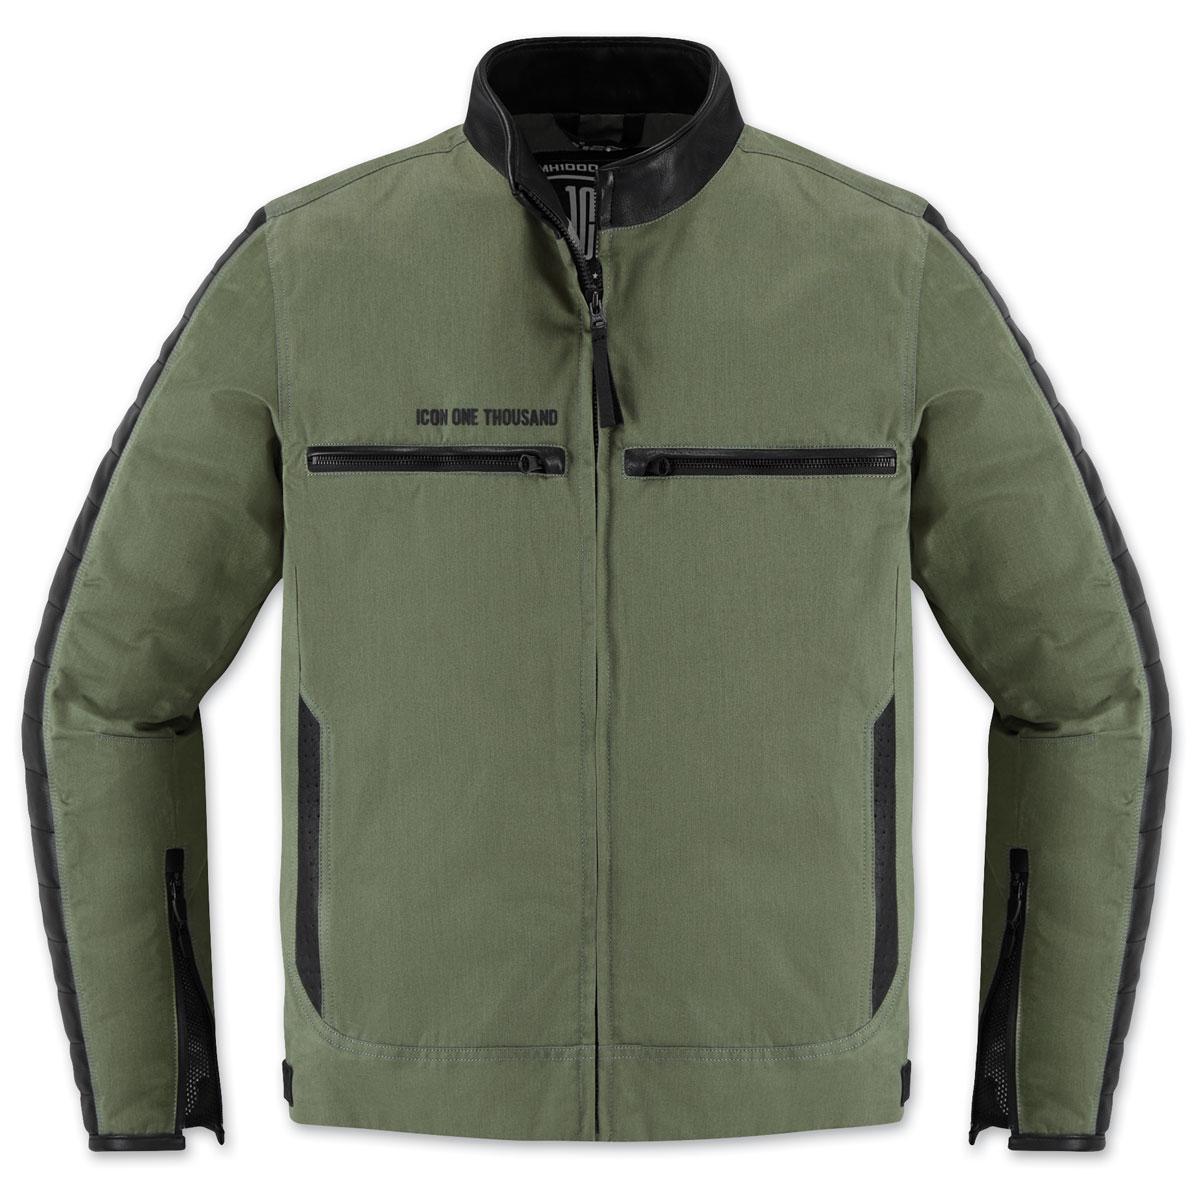 ICON One Thousand Men's MH 1000 Green Textile Jacket